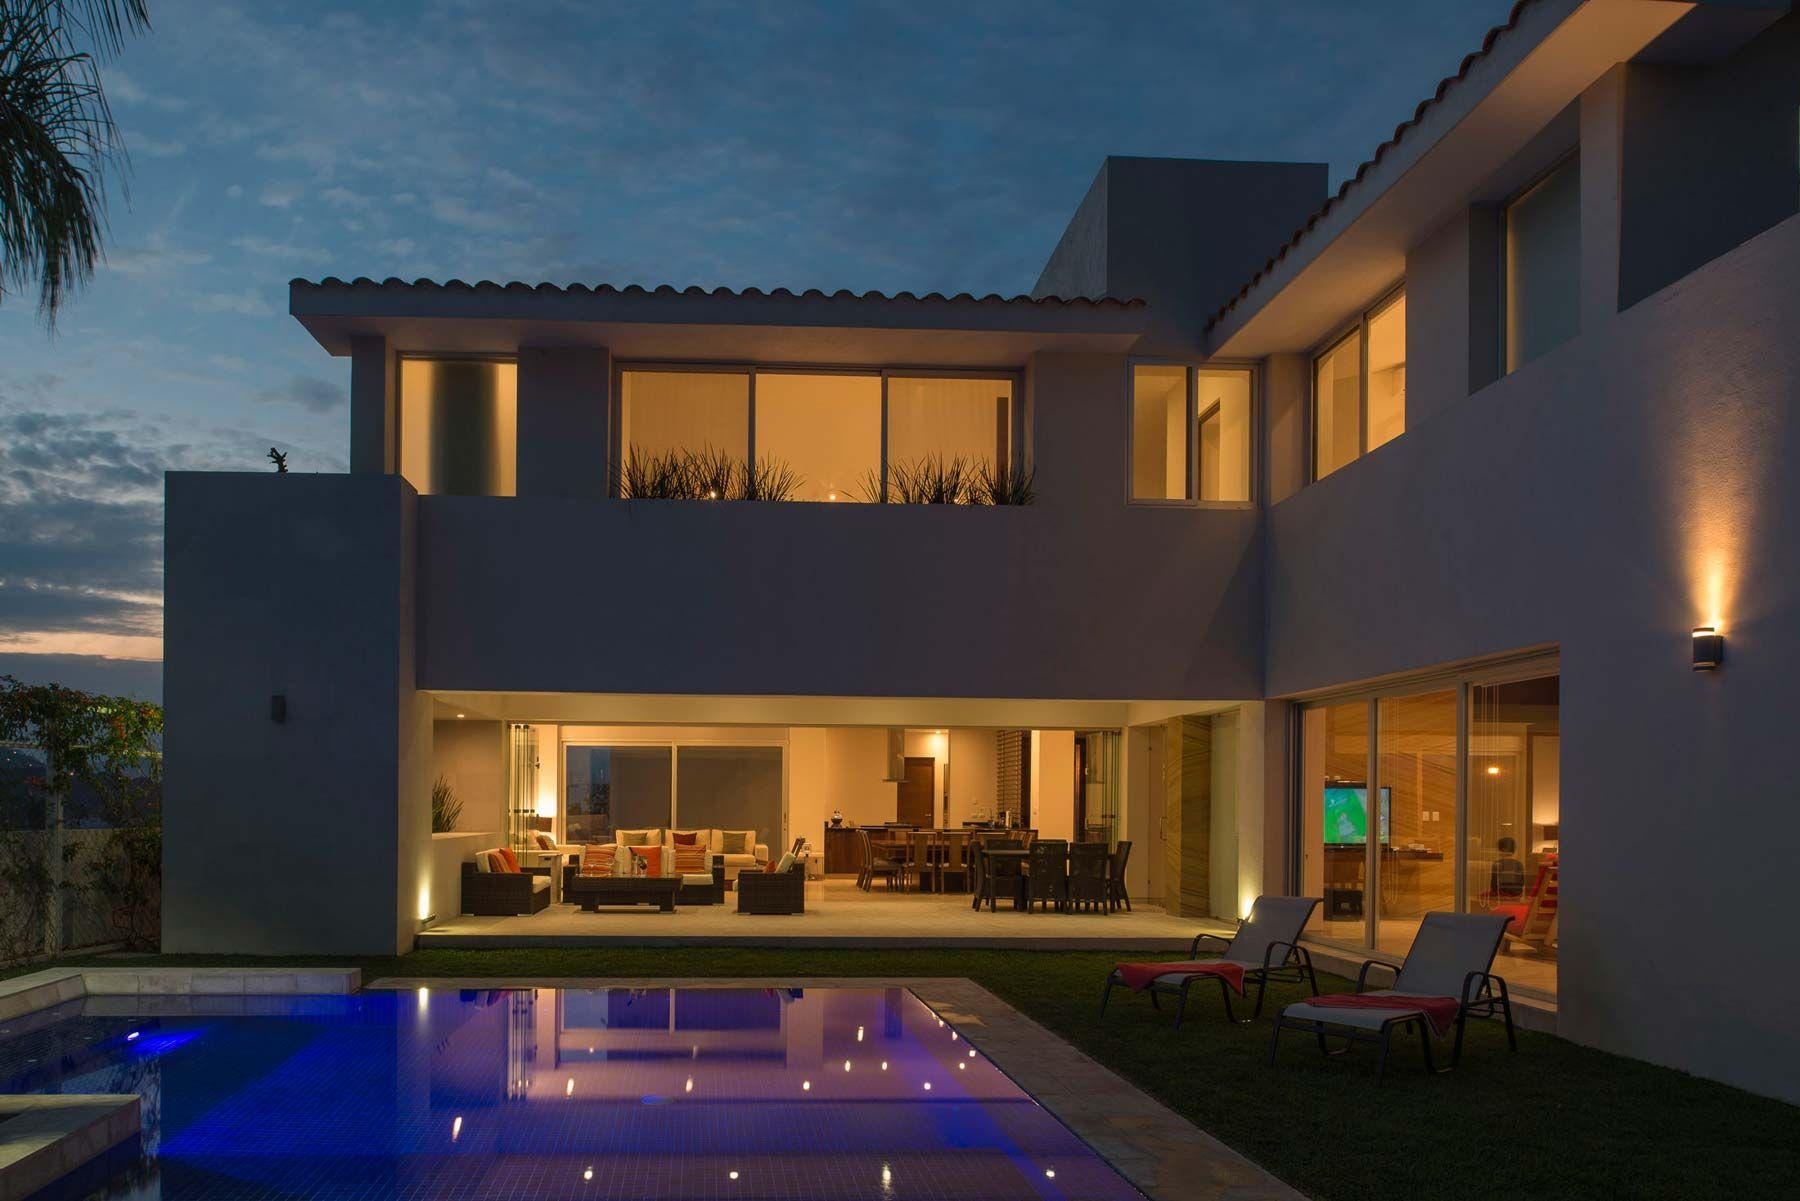 La casa del millón de dólares: Mirtha le compró una mansión a su nieta